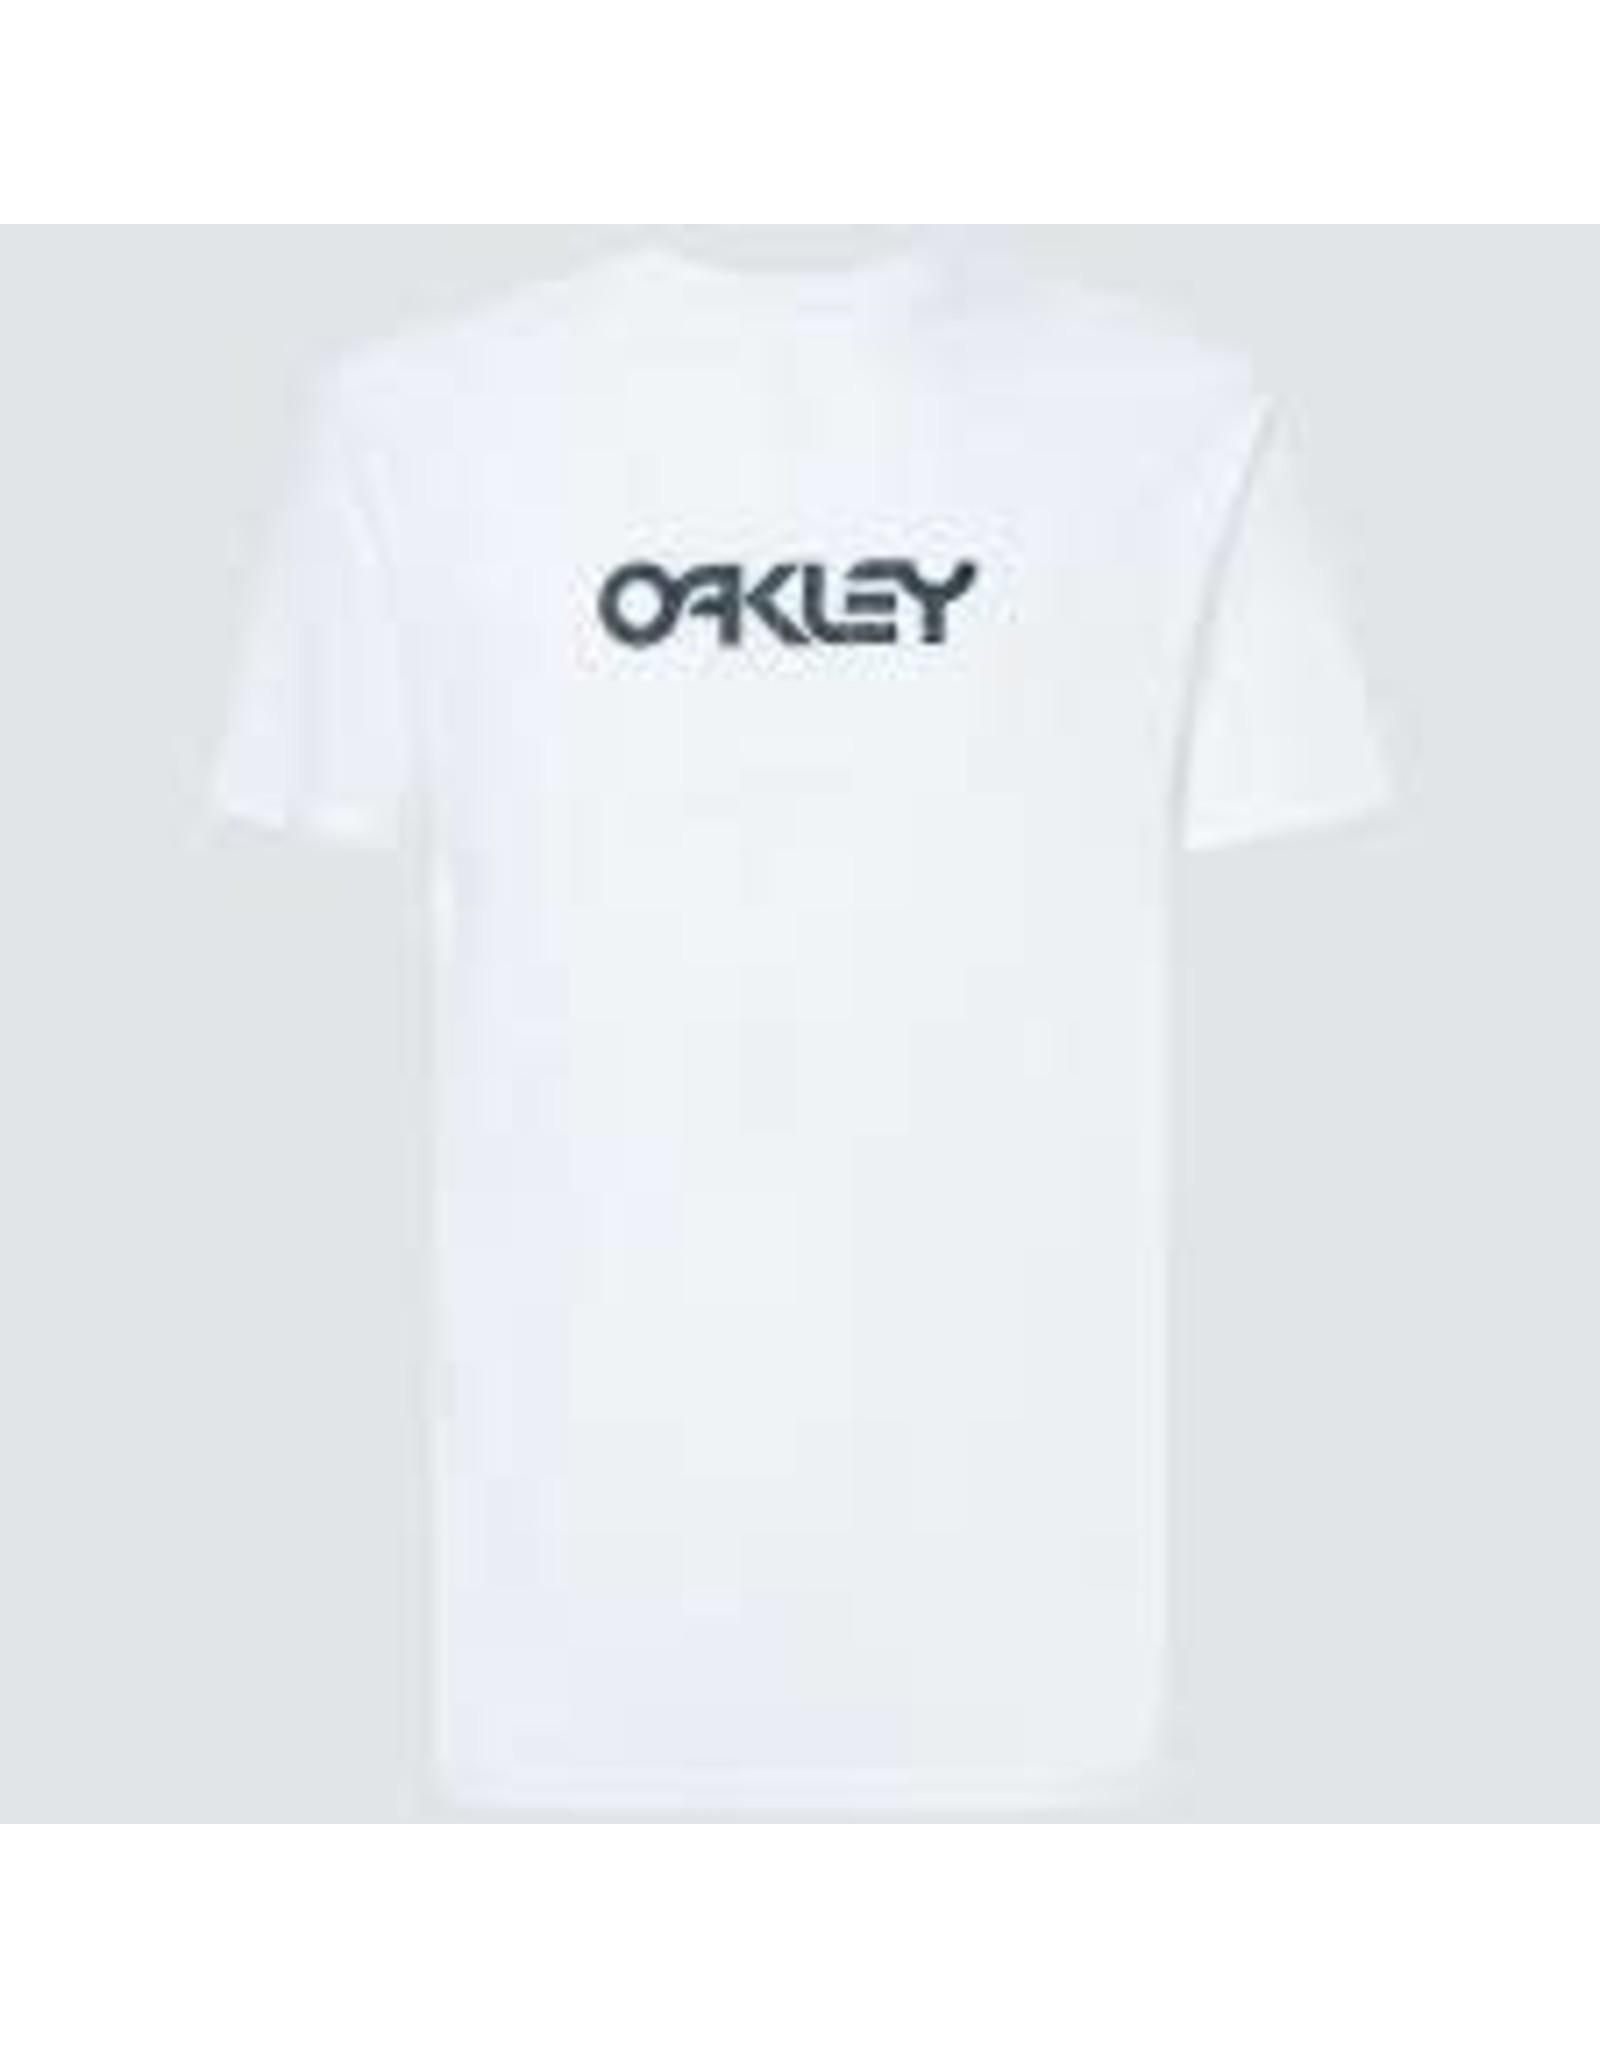 Oakley Canada Oakley - Logo Tee White XL